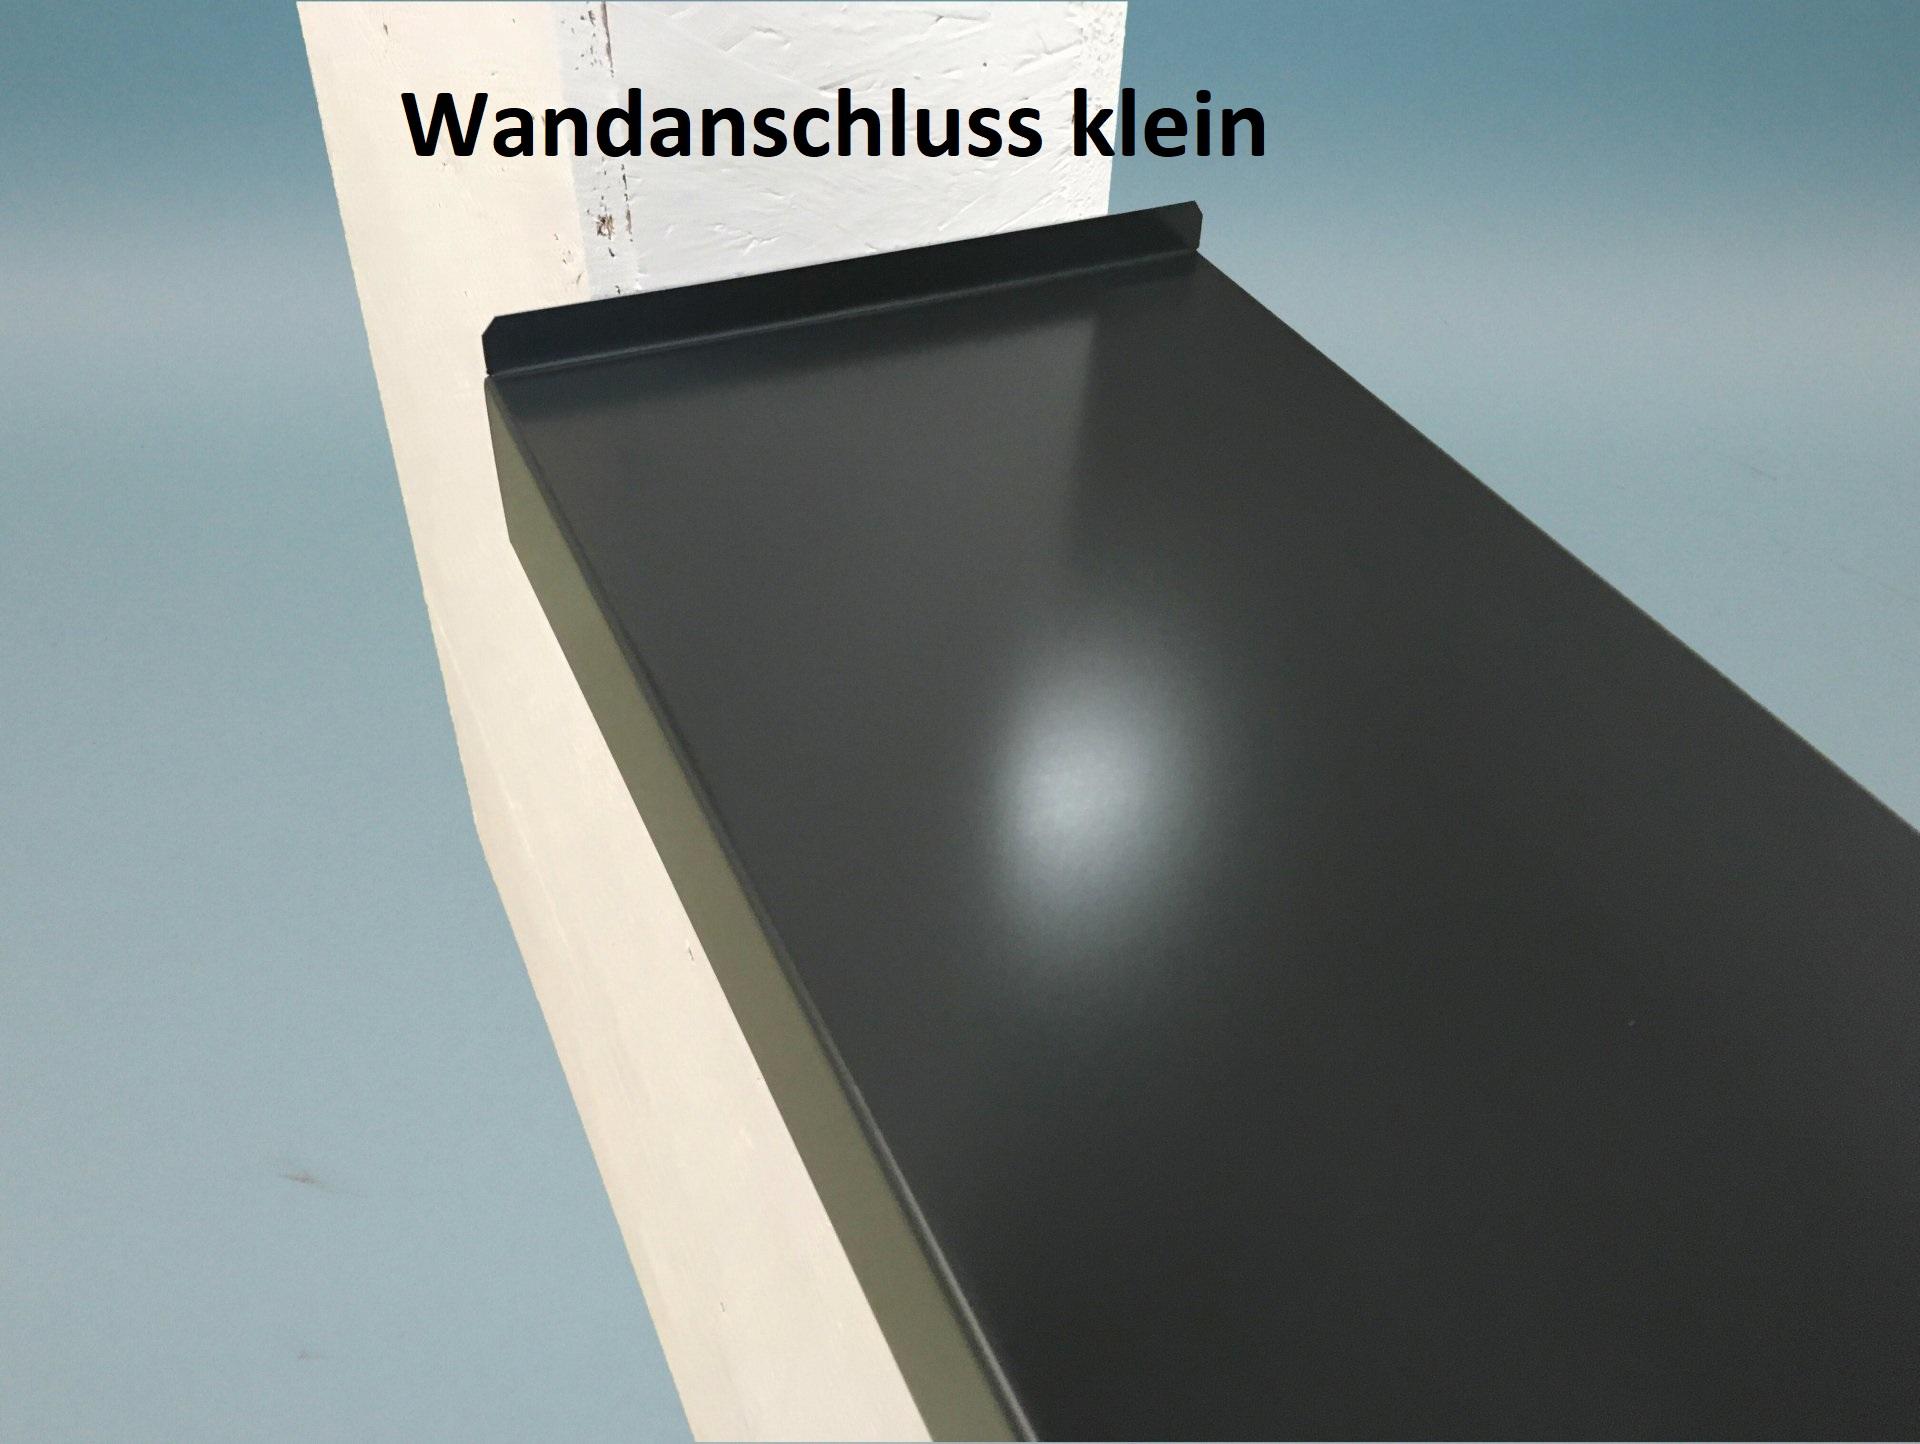 Endstück oder Wandanschluss